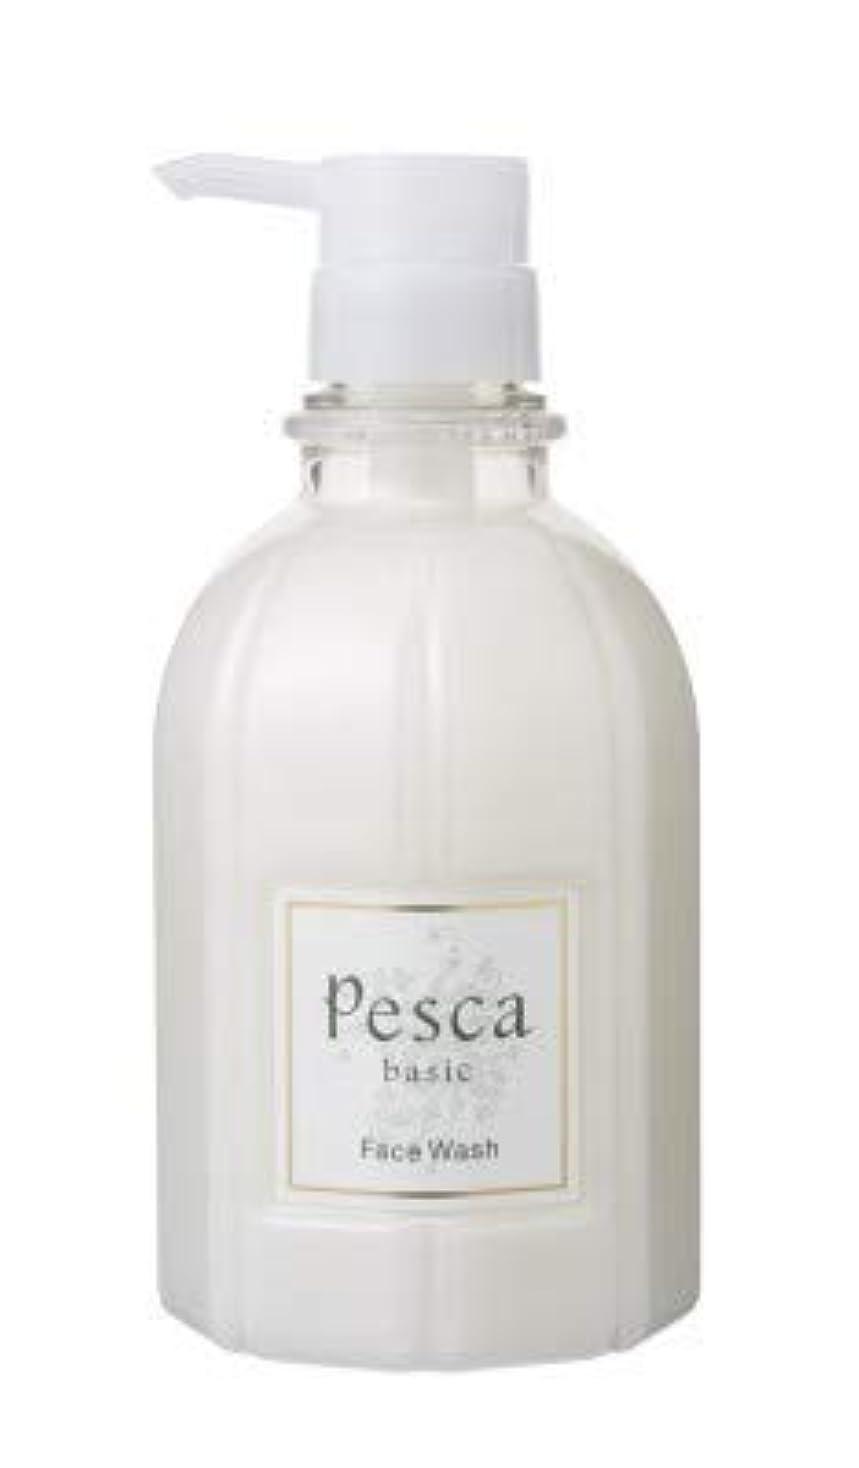 振る誓い美しいペスカ フェイスウォッシュ ビッグボトル 500mL